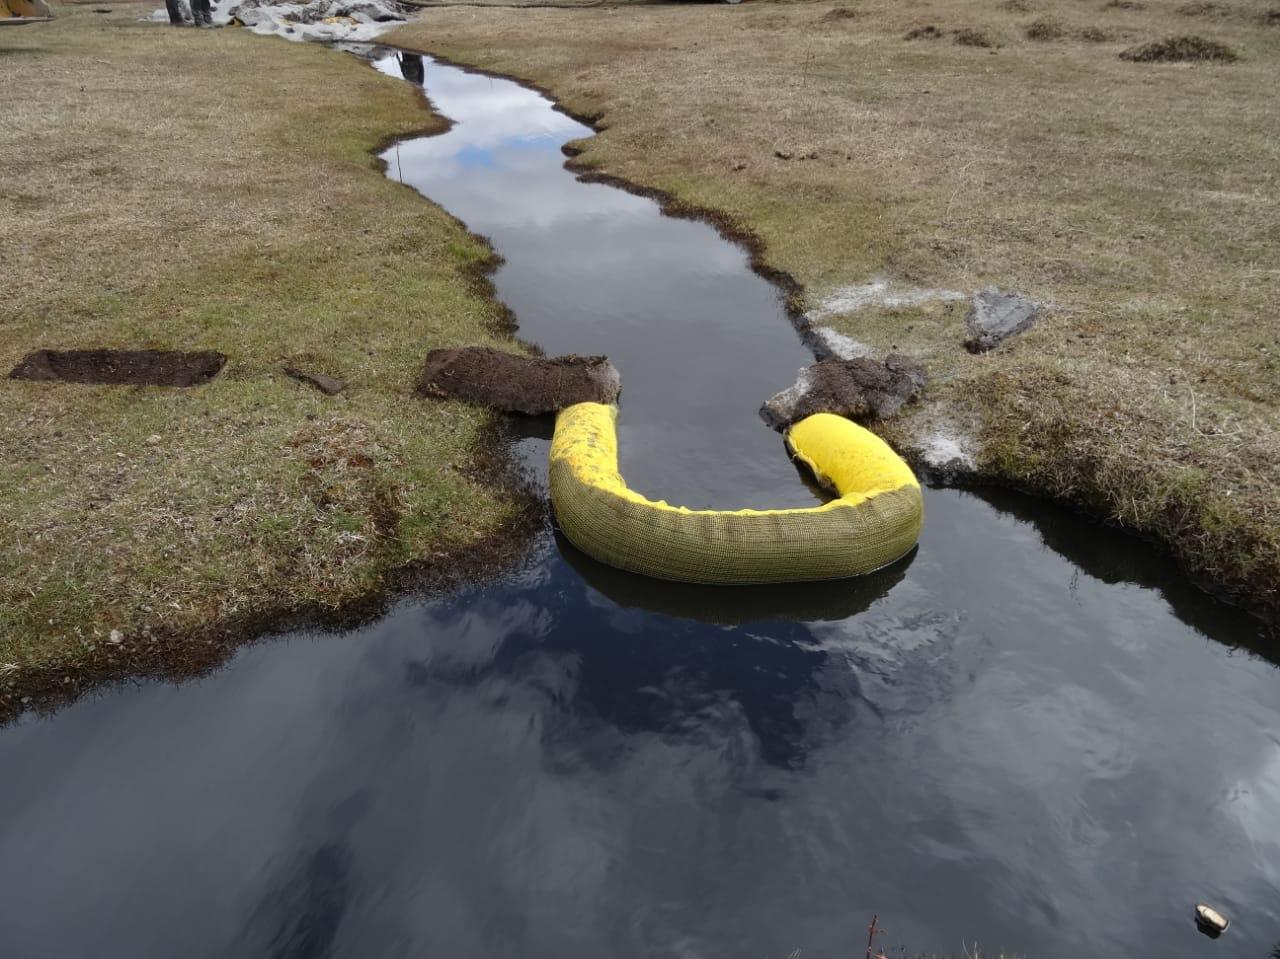 Onemi confirmó derrame de petróleo en Tierra del Fuego